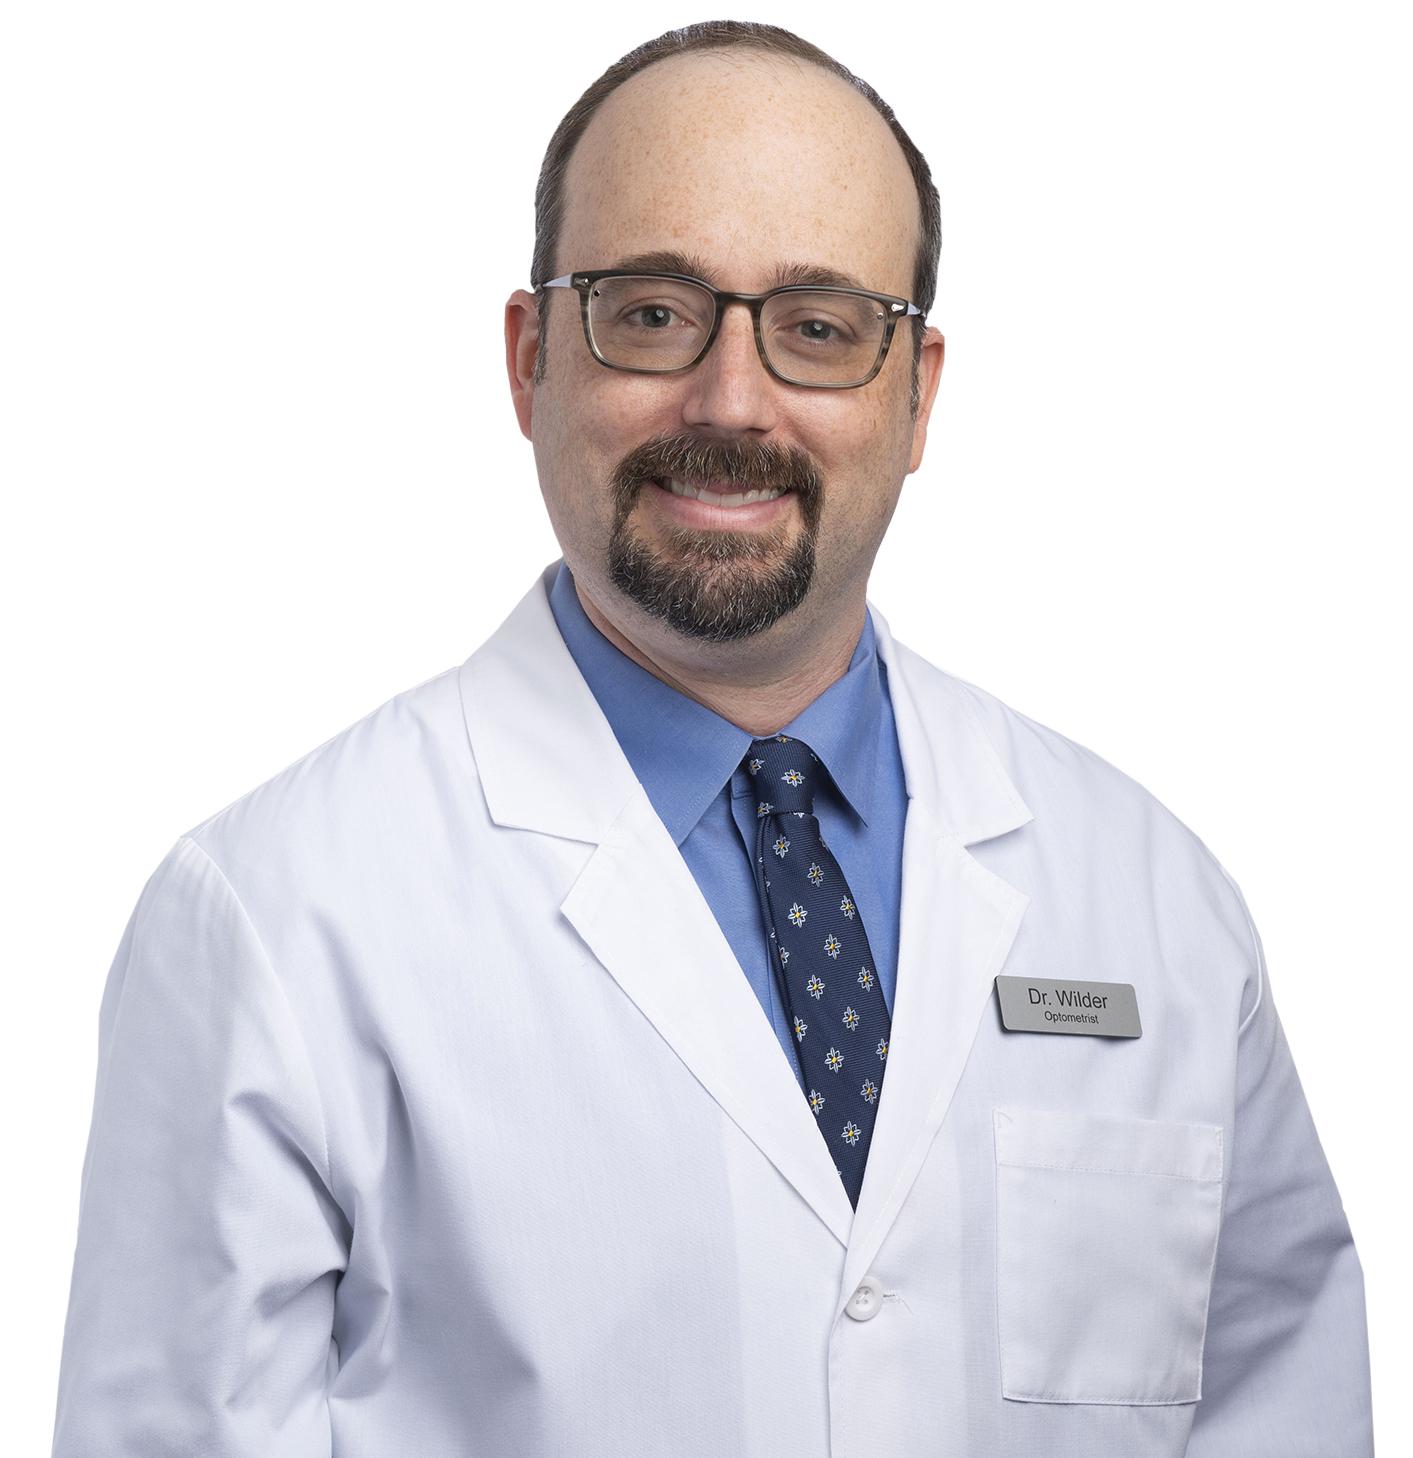 Dr. Derek Wilder